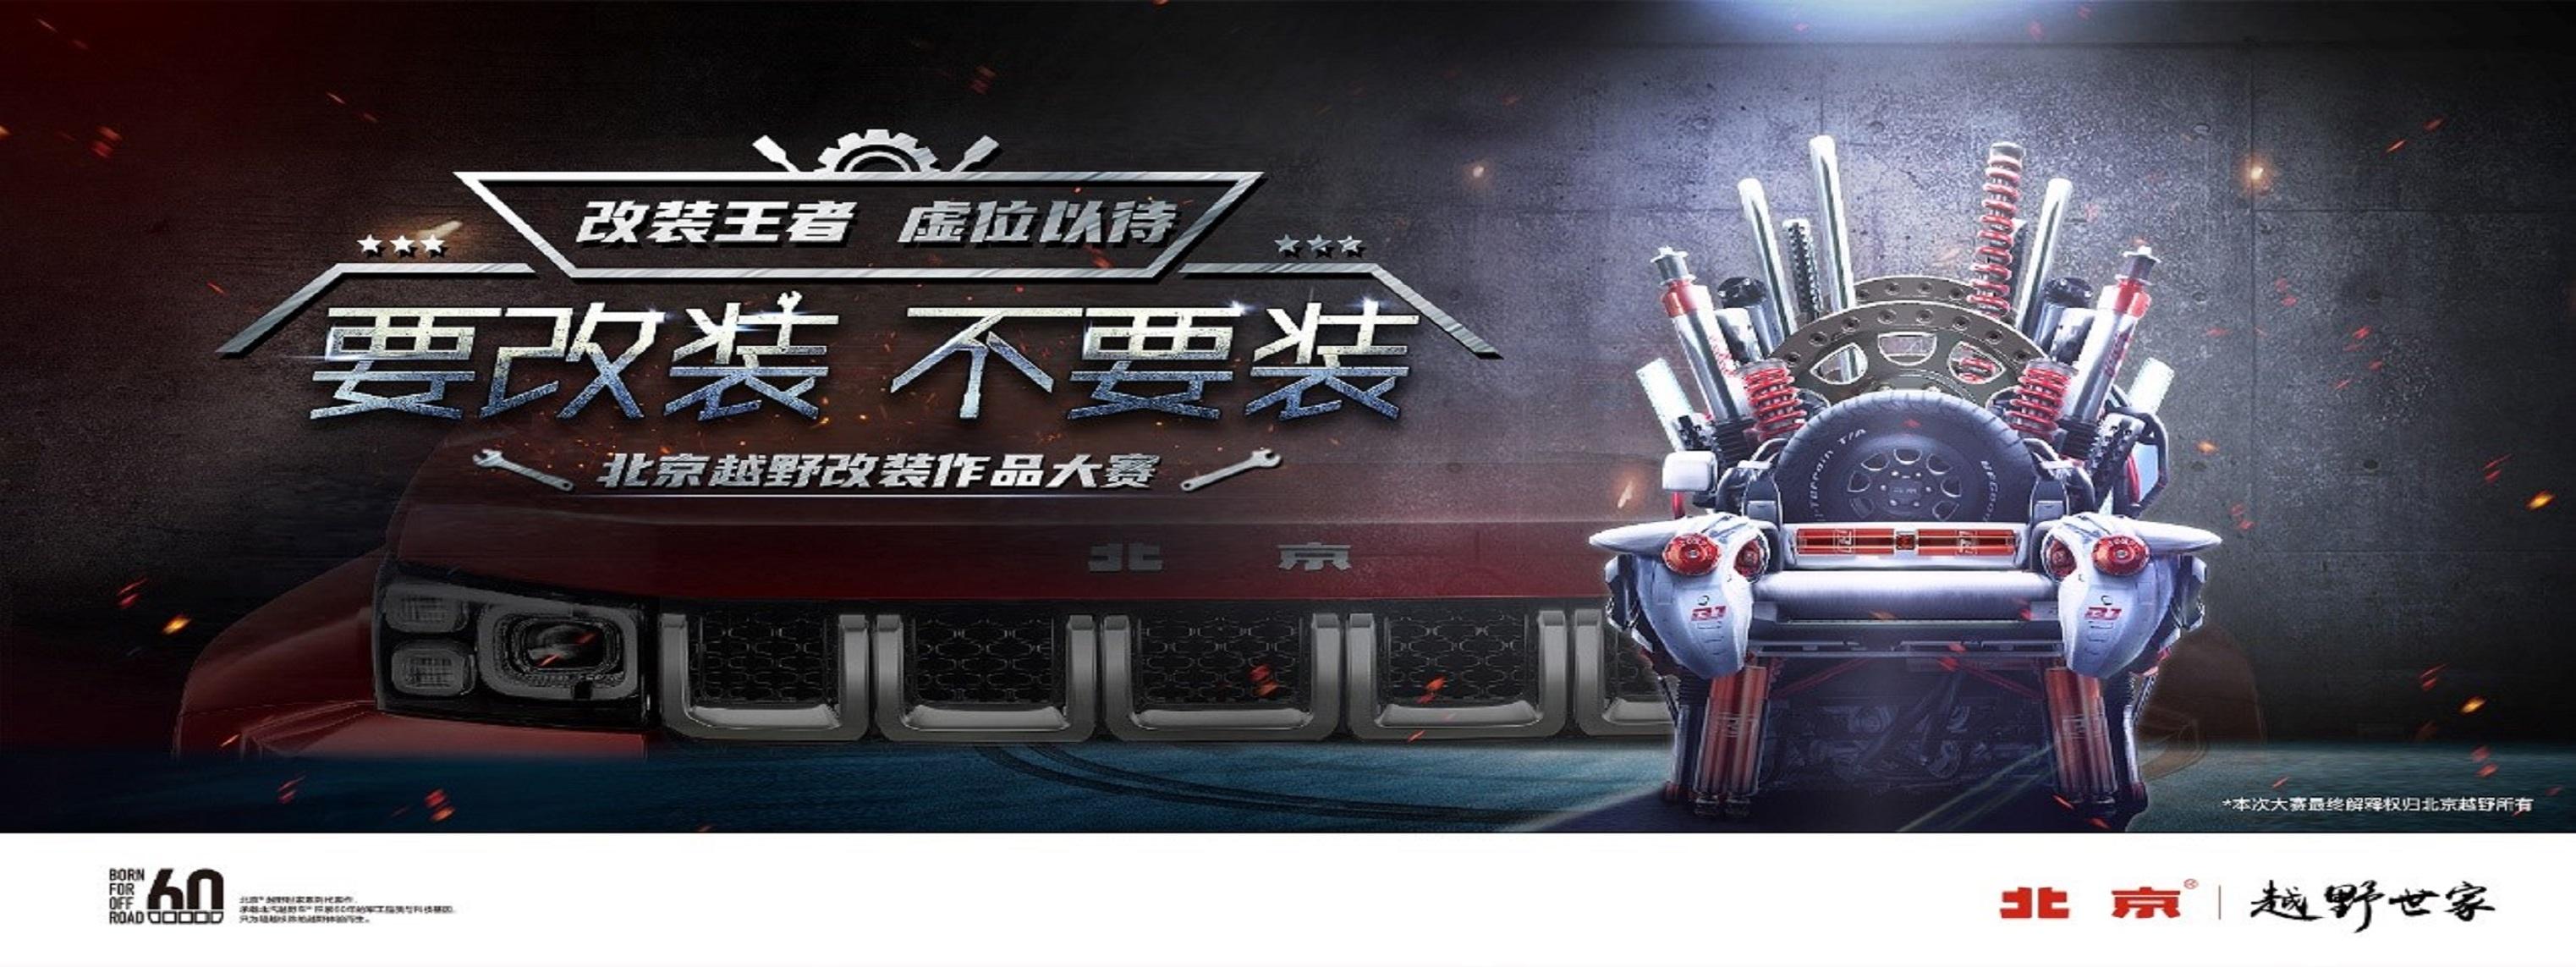 要改装 不要装!北京越野改装作品大赛正式开启